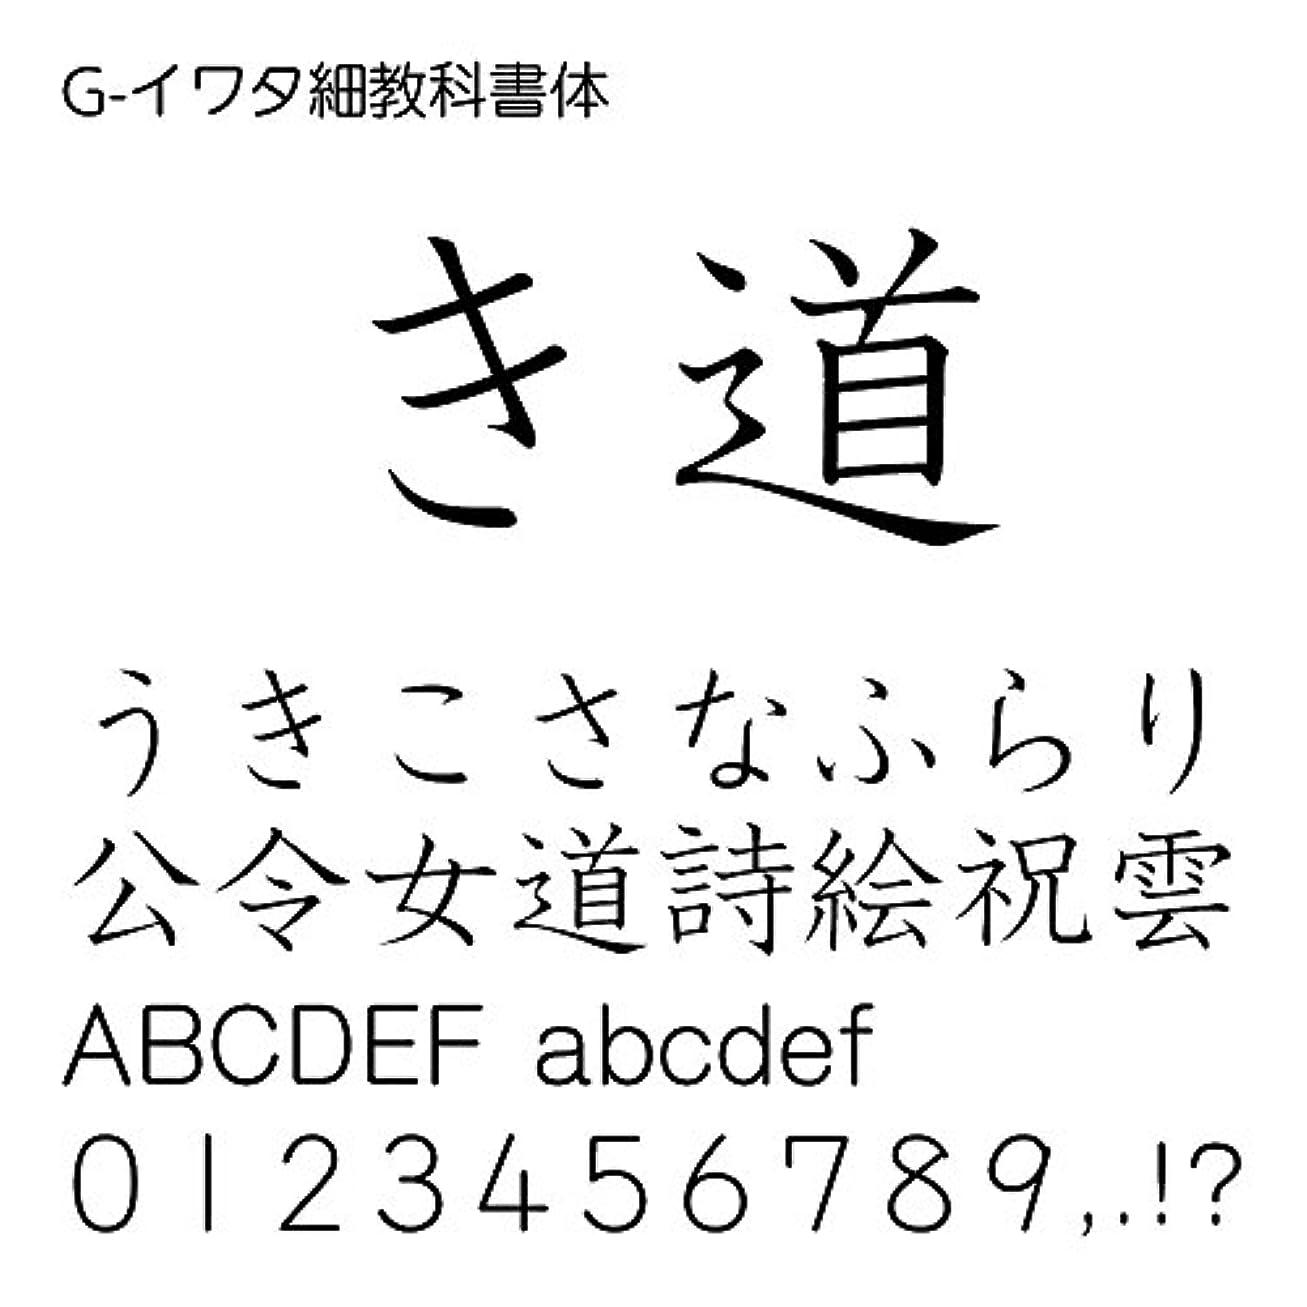 キリンベジタリアンコンテストG-イワタ細教科書体Pro OpenType Font for Windows [ダウンロード]